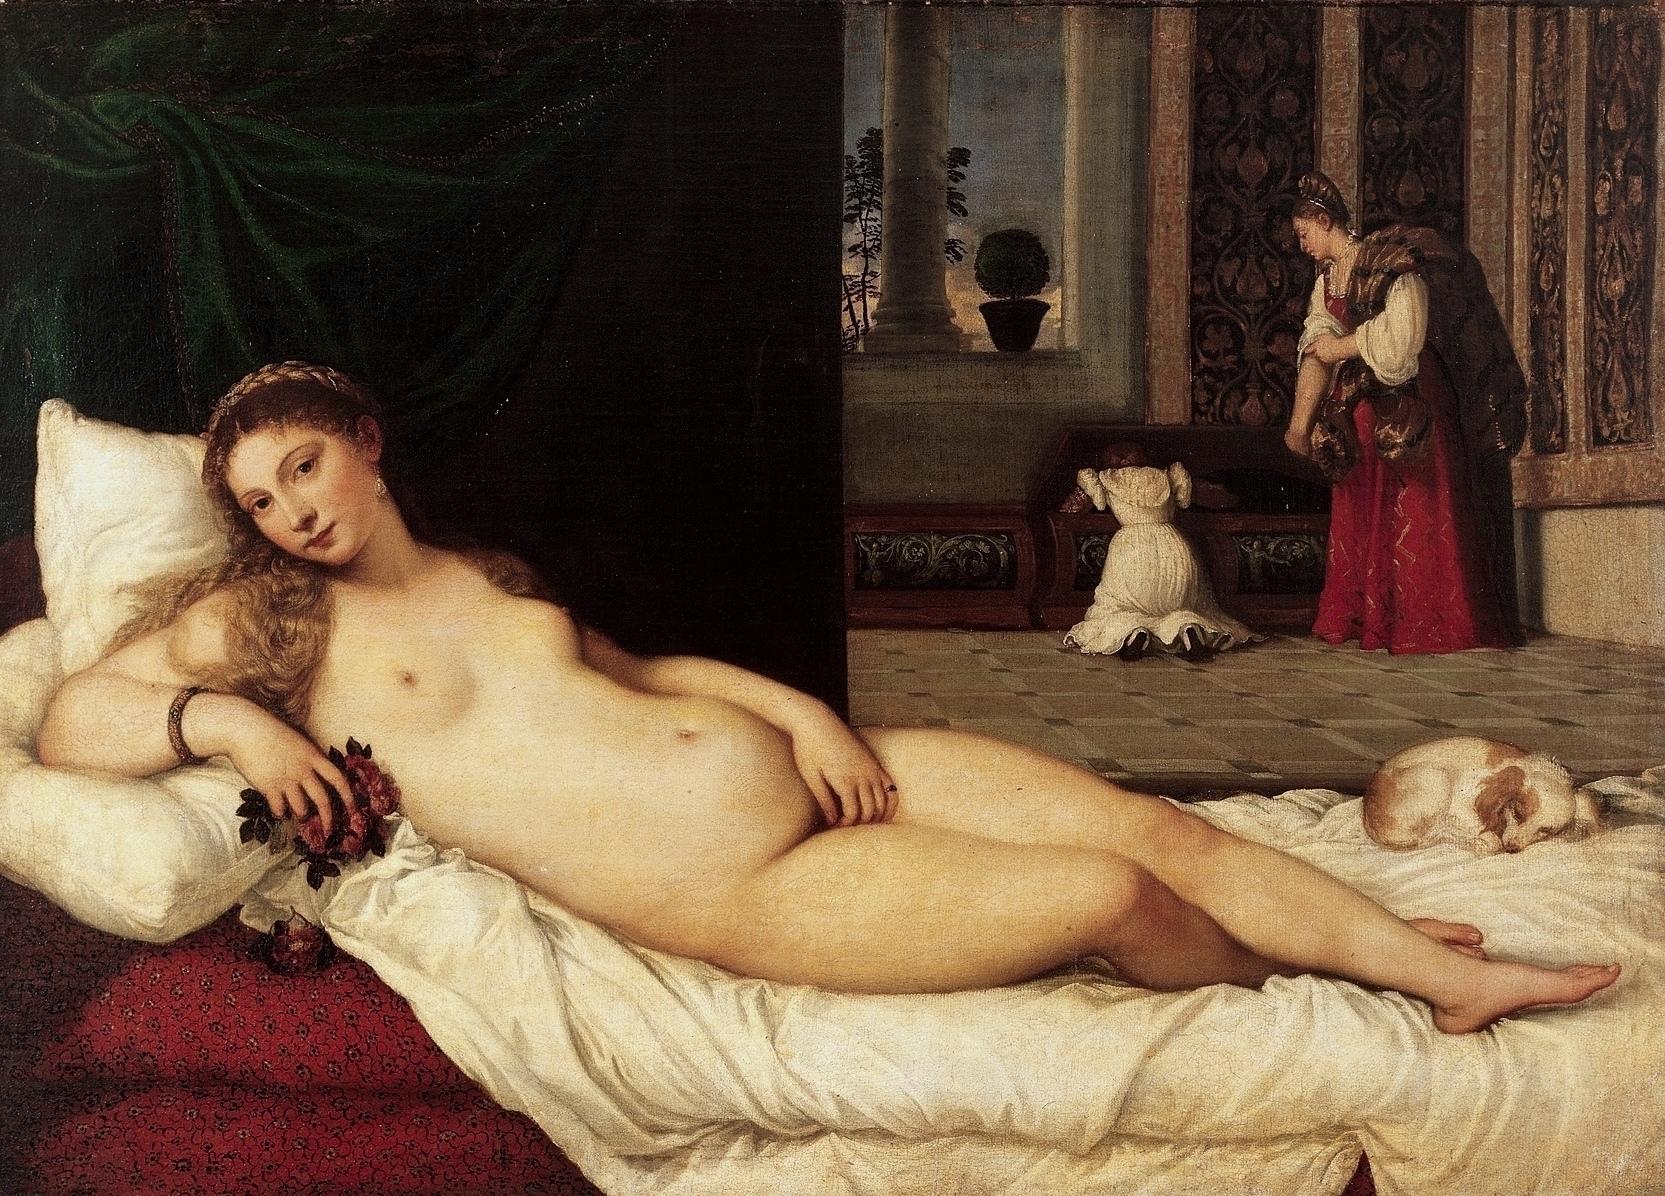 ウルヴィーノのヴィーナス ティツィアーノ・ヴェチェッリオ, 1538 ウフィツィ美術館, フィレンツェ